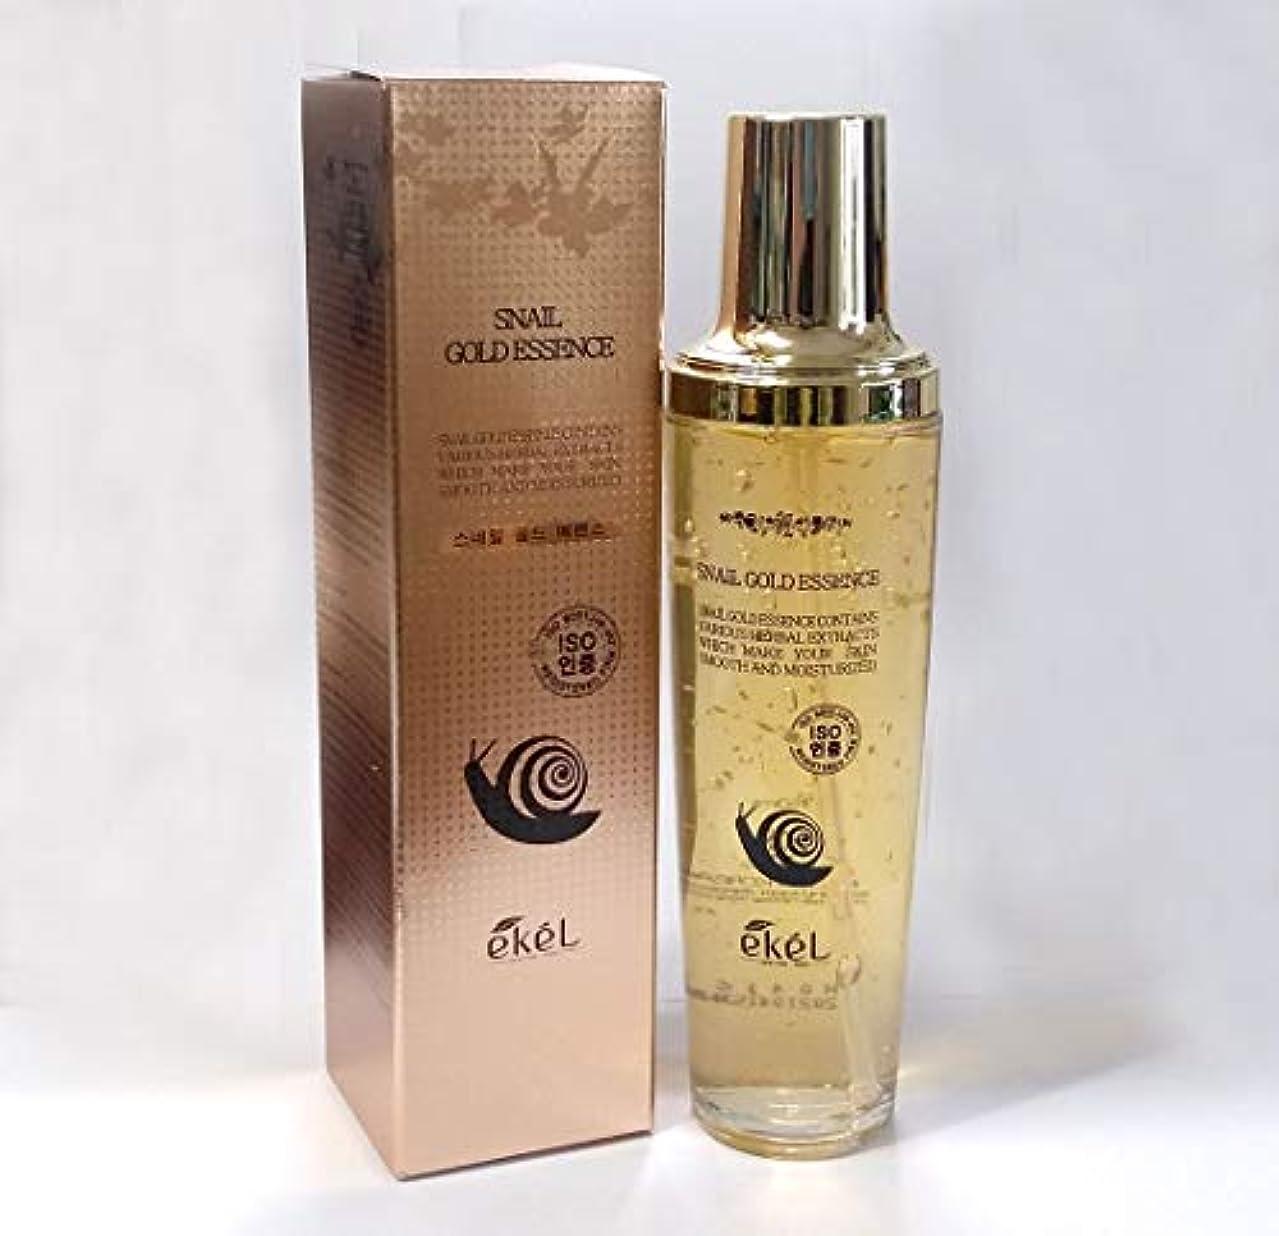 シルクおばあさん流行している[EKEL] ゴールドエッセンス150ml /ハーブエキス/スムーズ&モイスチャライド/韓国化粧品 / Gold Essence 150ml / Herbal Extracts / Smooth & Moisturized...